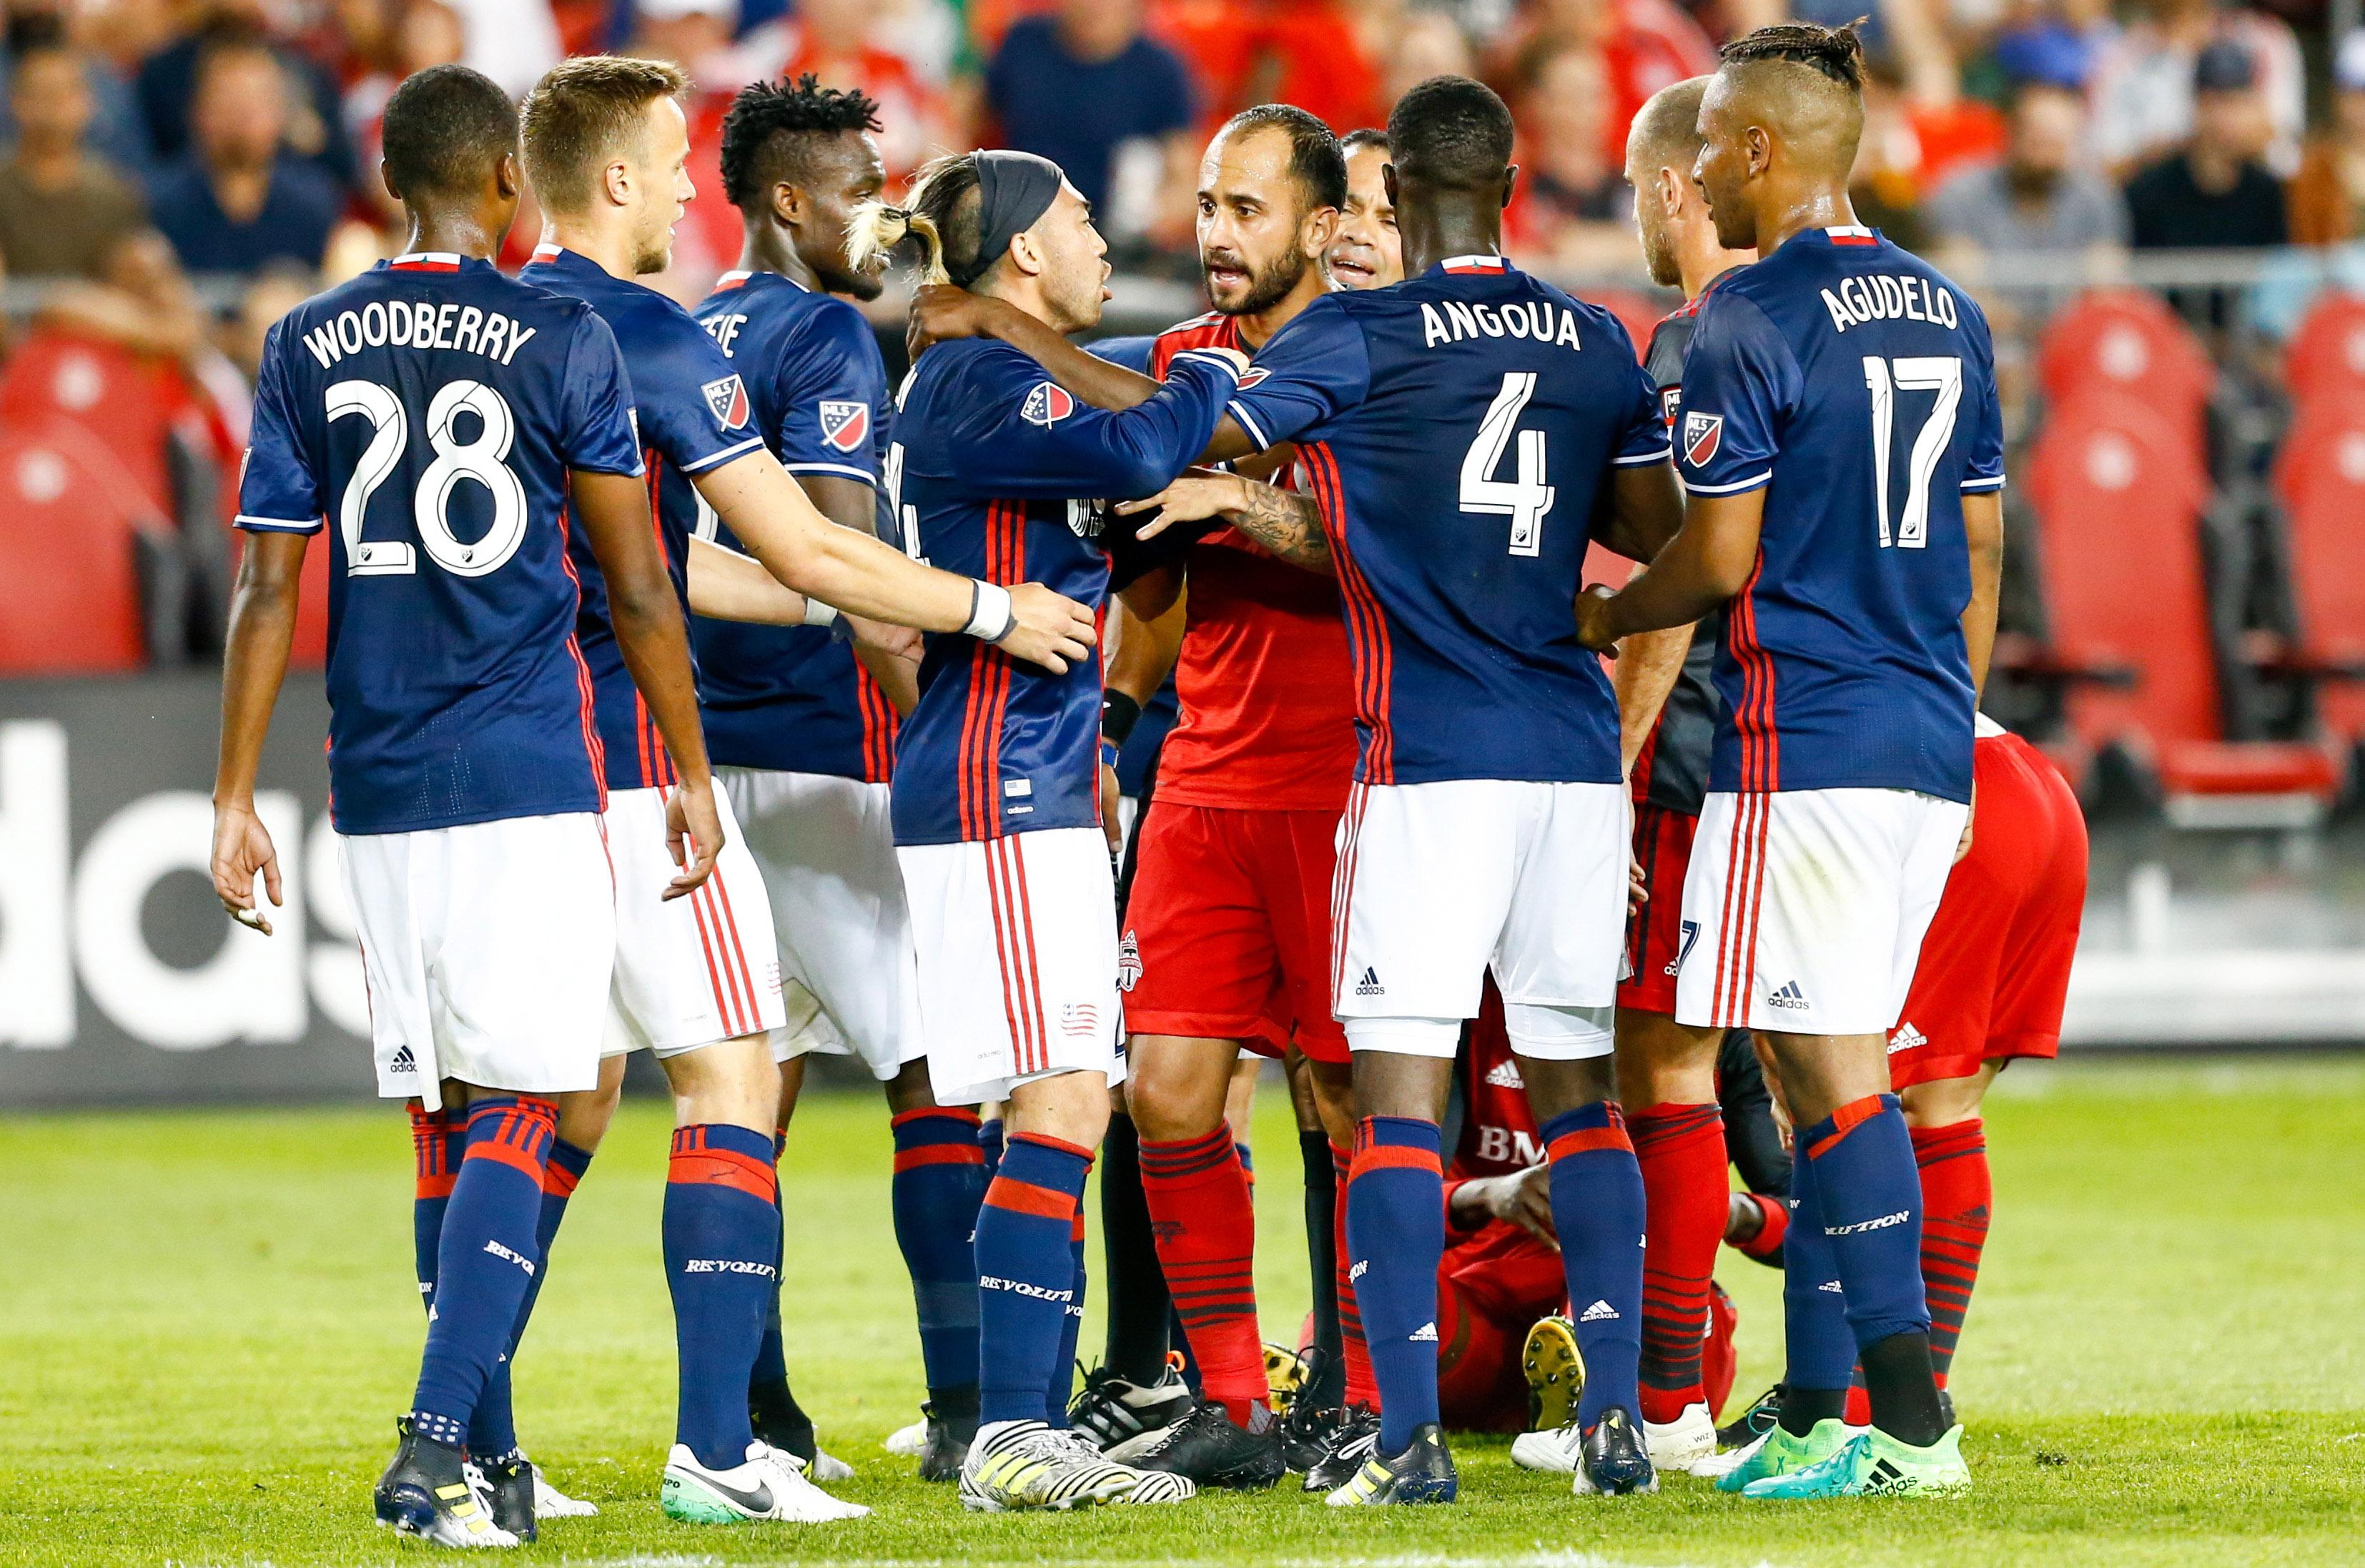 2017 MLS Regular Season: Match 17 - Revs (0) at Toronto FC (2)